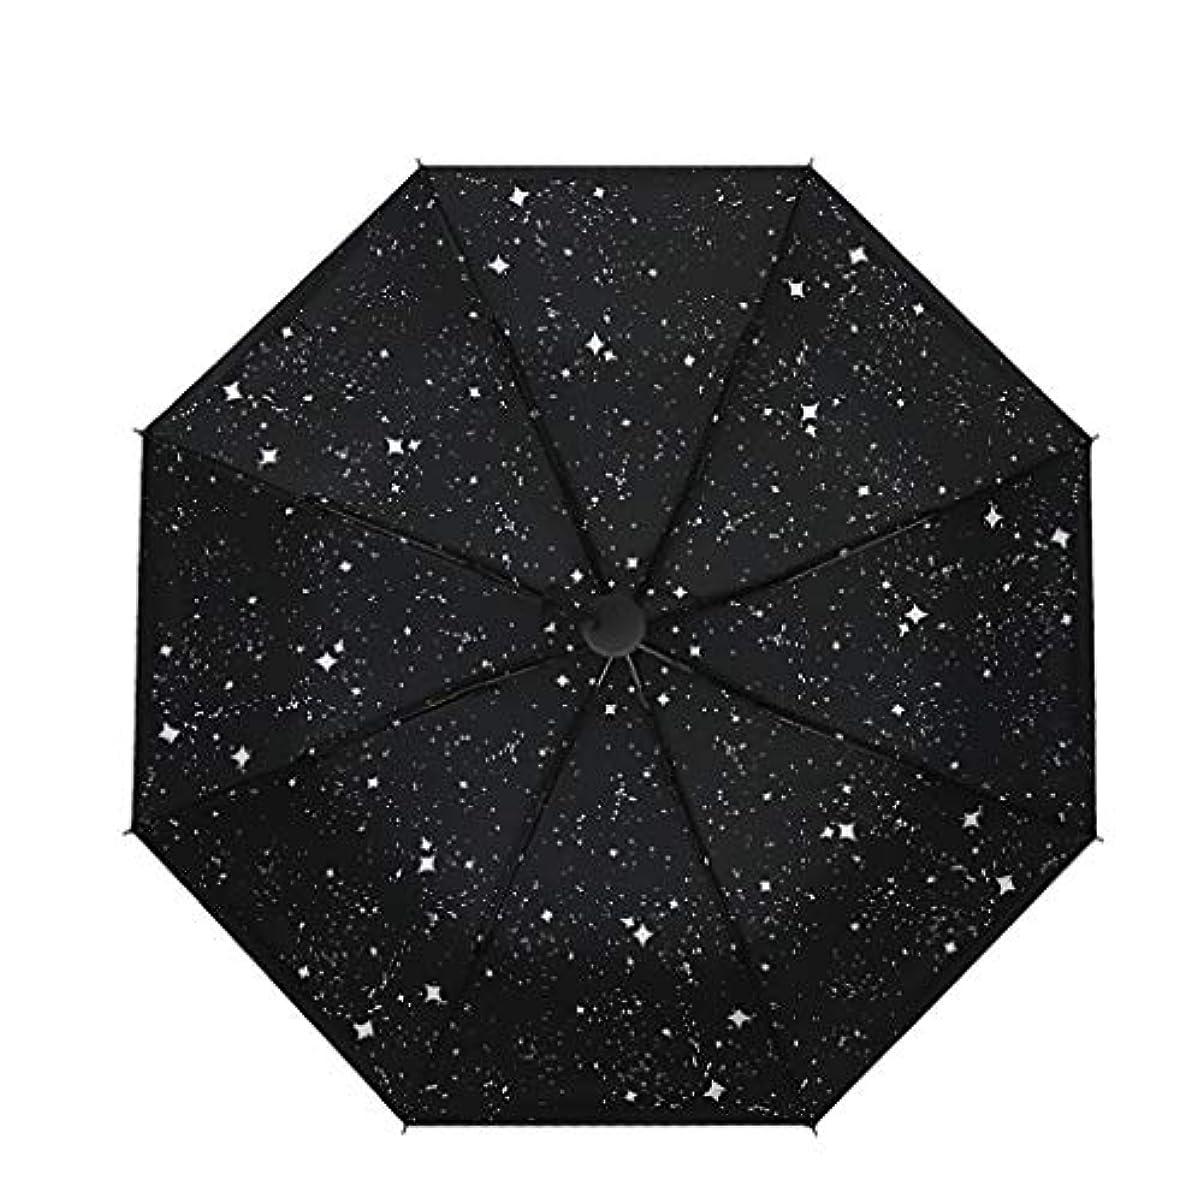 最初は不従順プロフィール星空黒傘日当たりの良い傘デュアルユース3つ折り日傘傘黒プラスチック傘日焼け止めUV (色 : B)